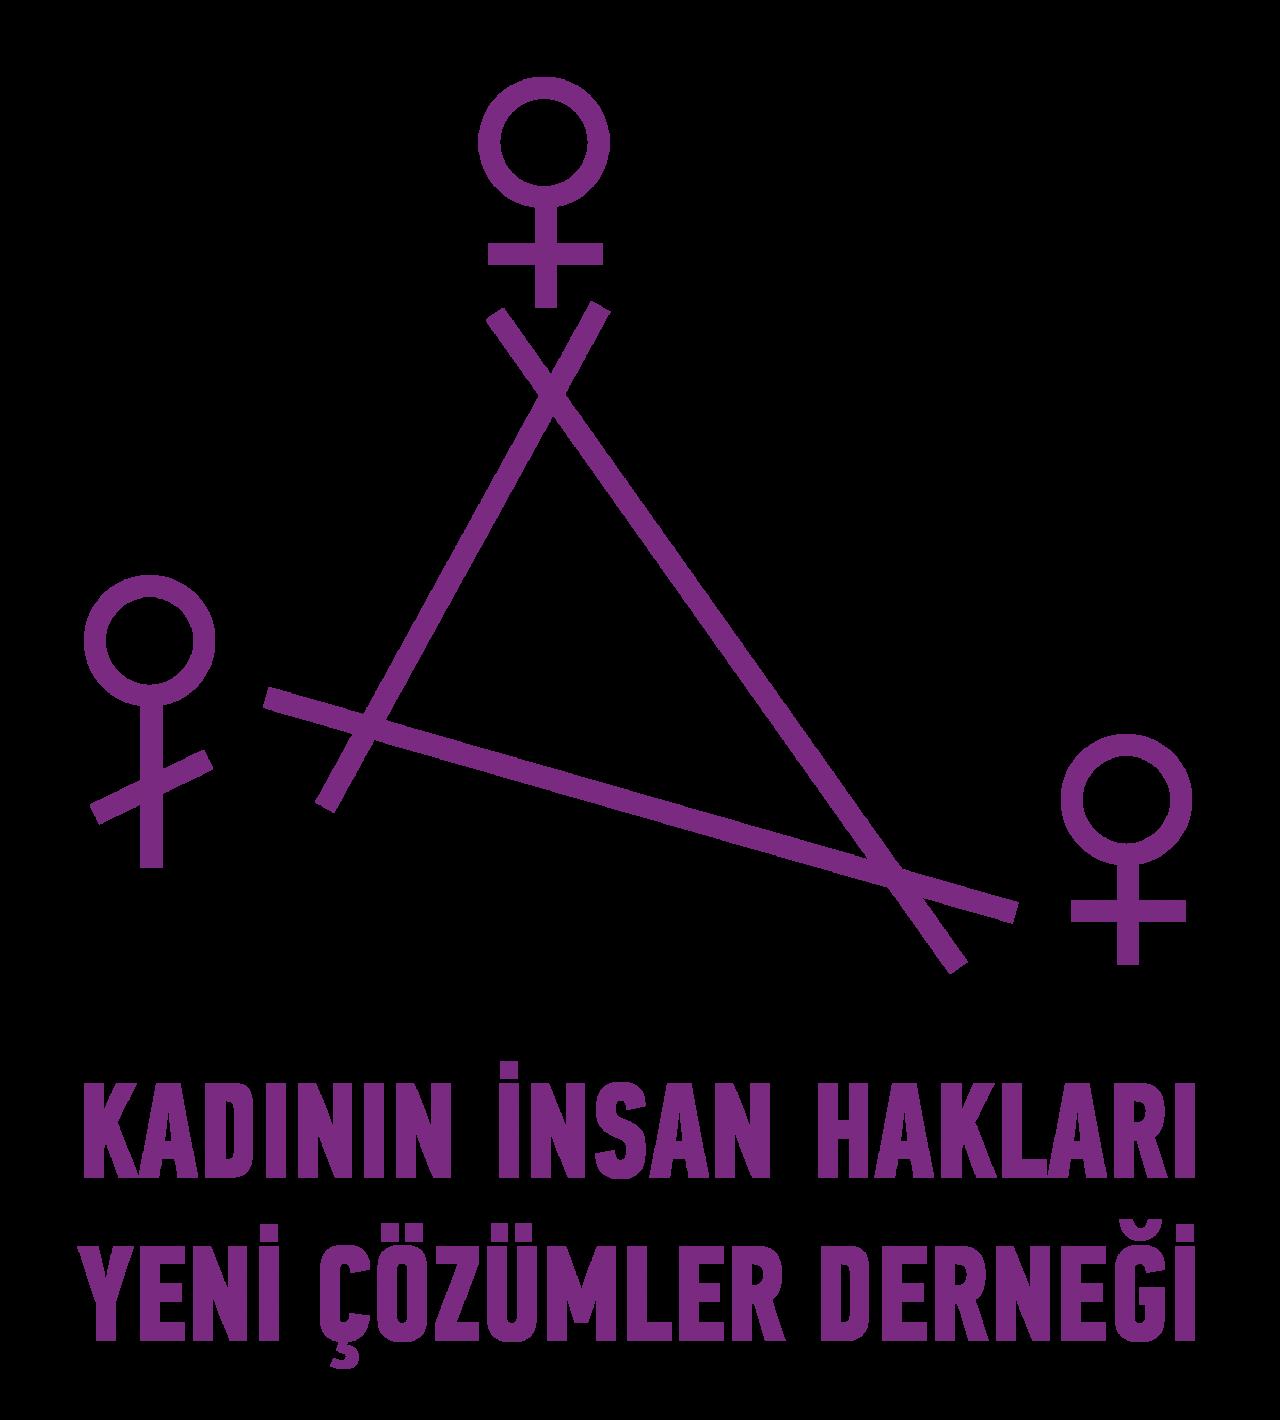 KIHYC-logo-1280x1420.png